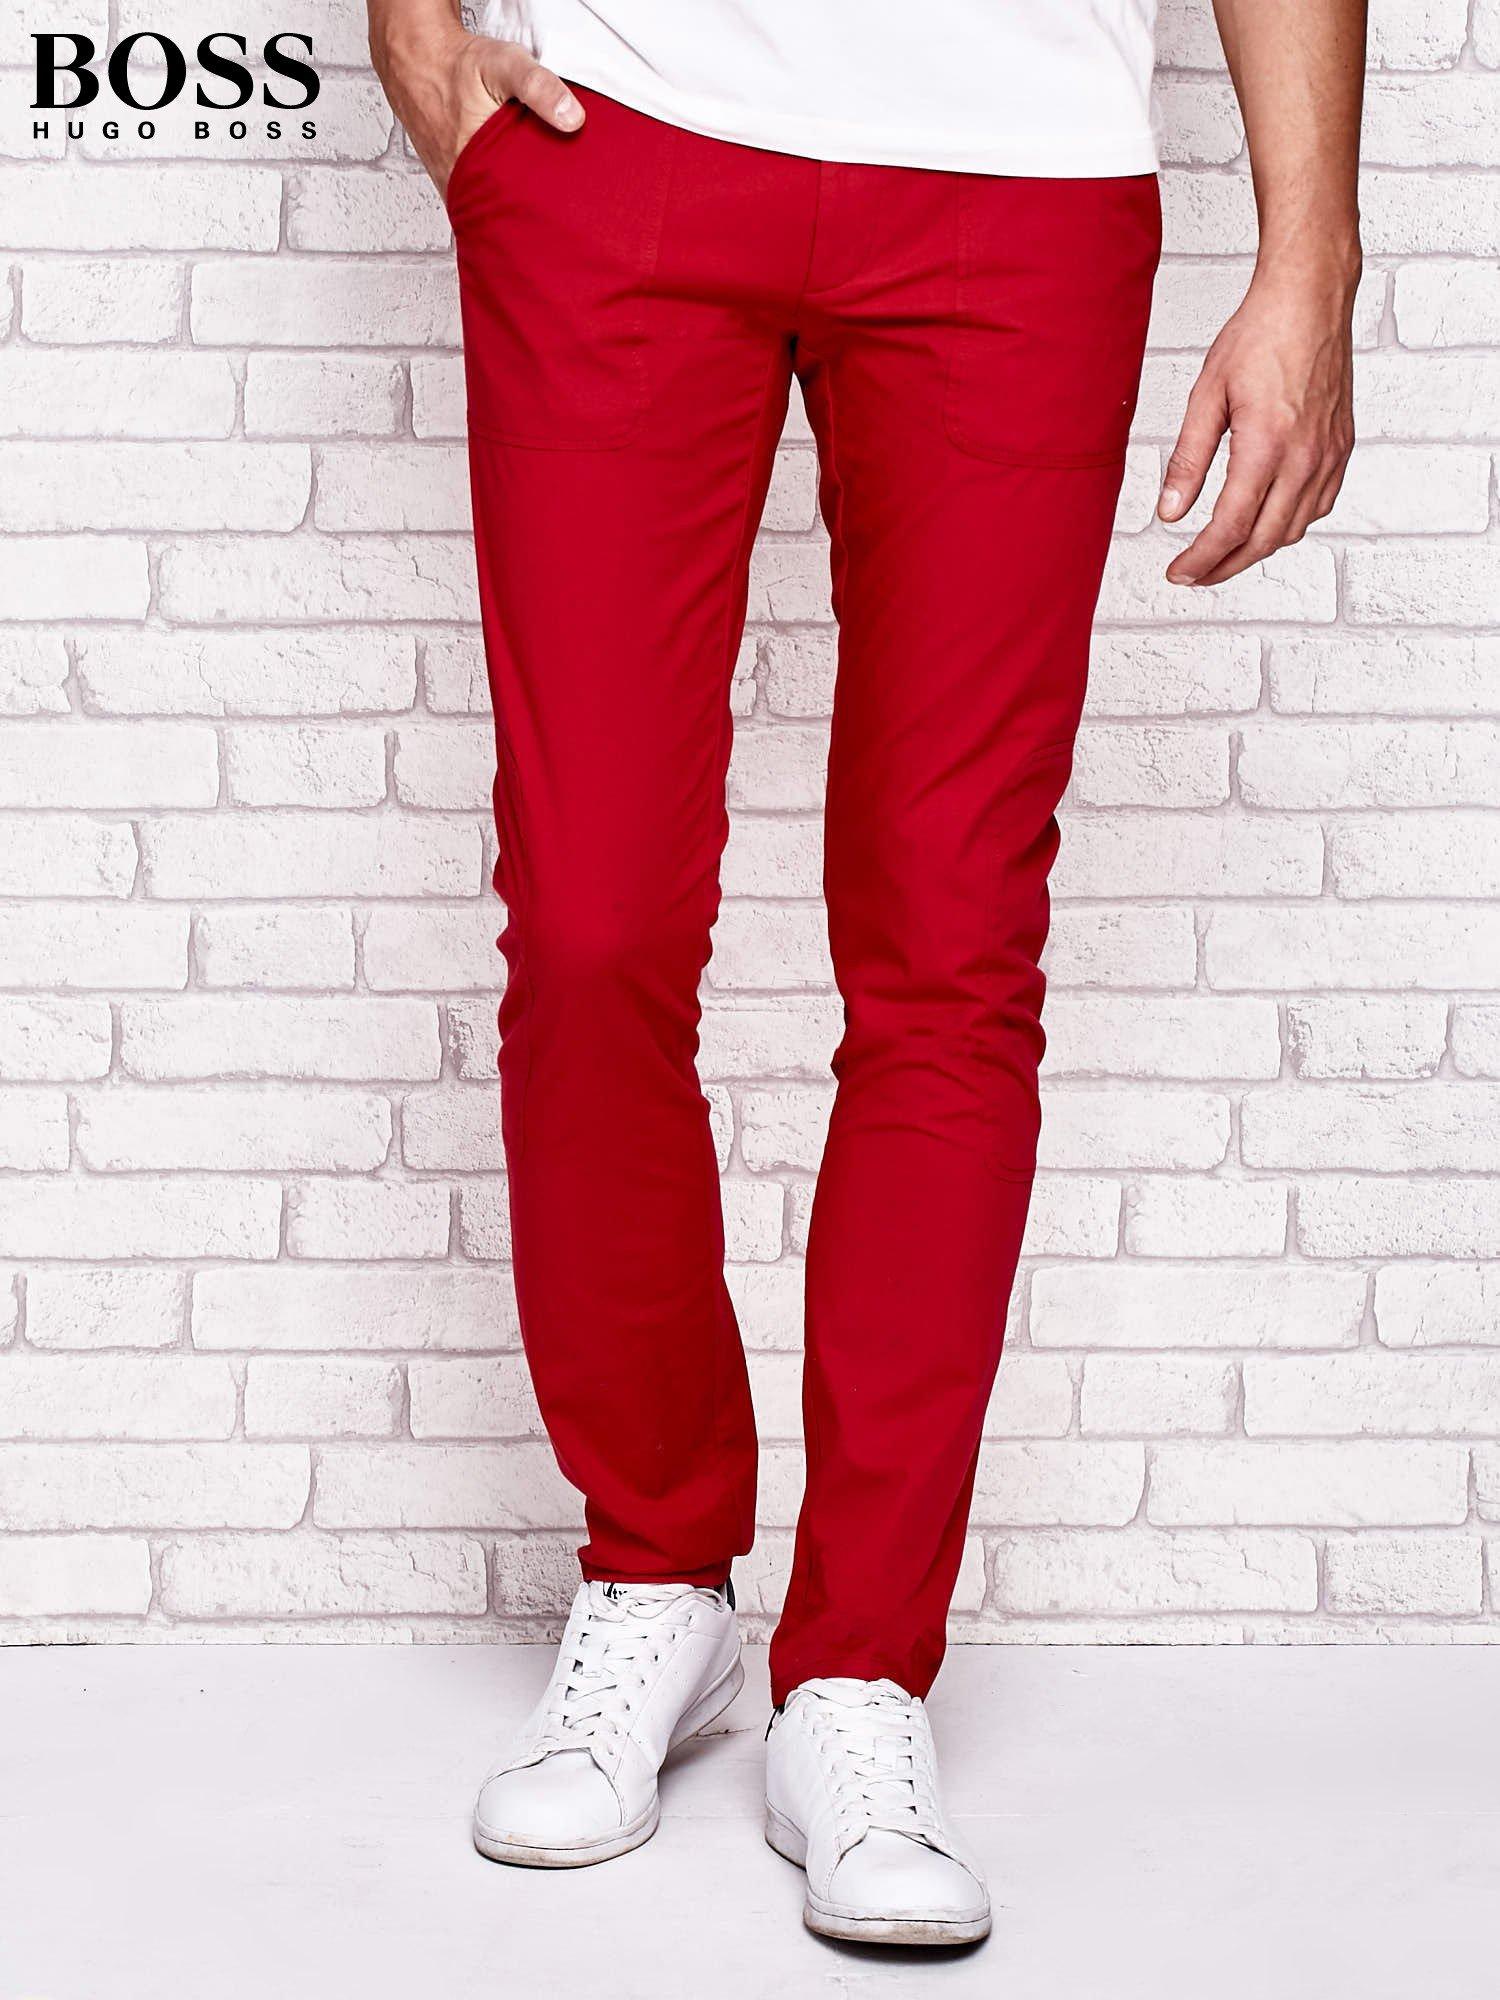 cef835f371f9f HUGO BOSS Czerwone spodnie męskie z przeszyciami - Mężczyźni Spodnie ...